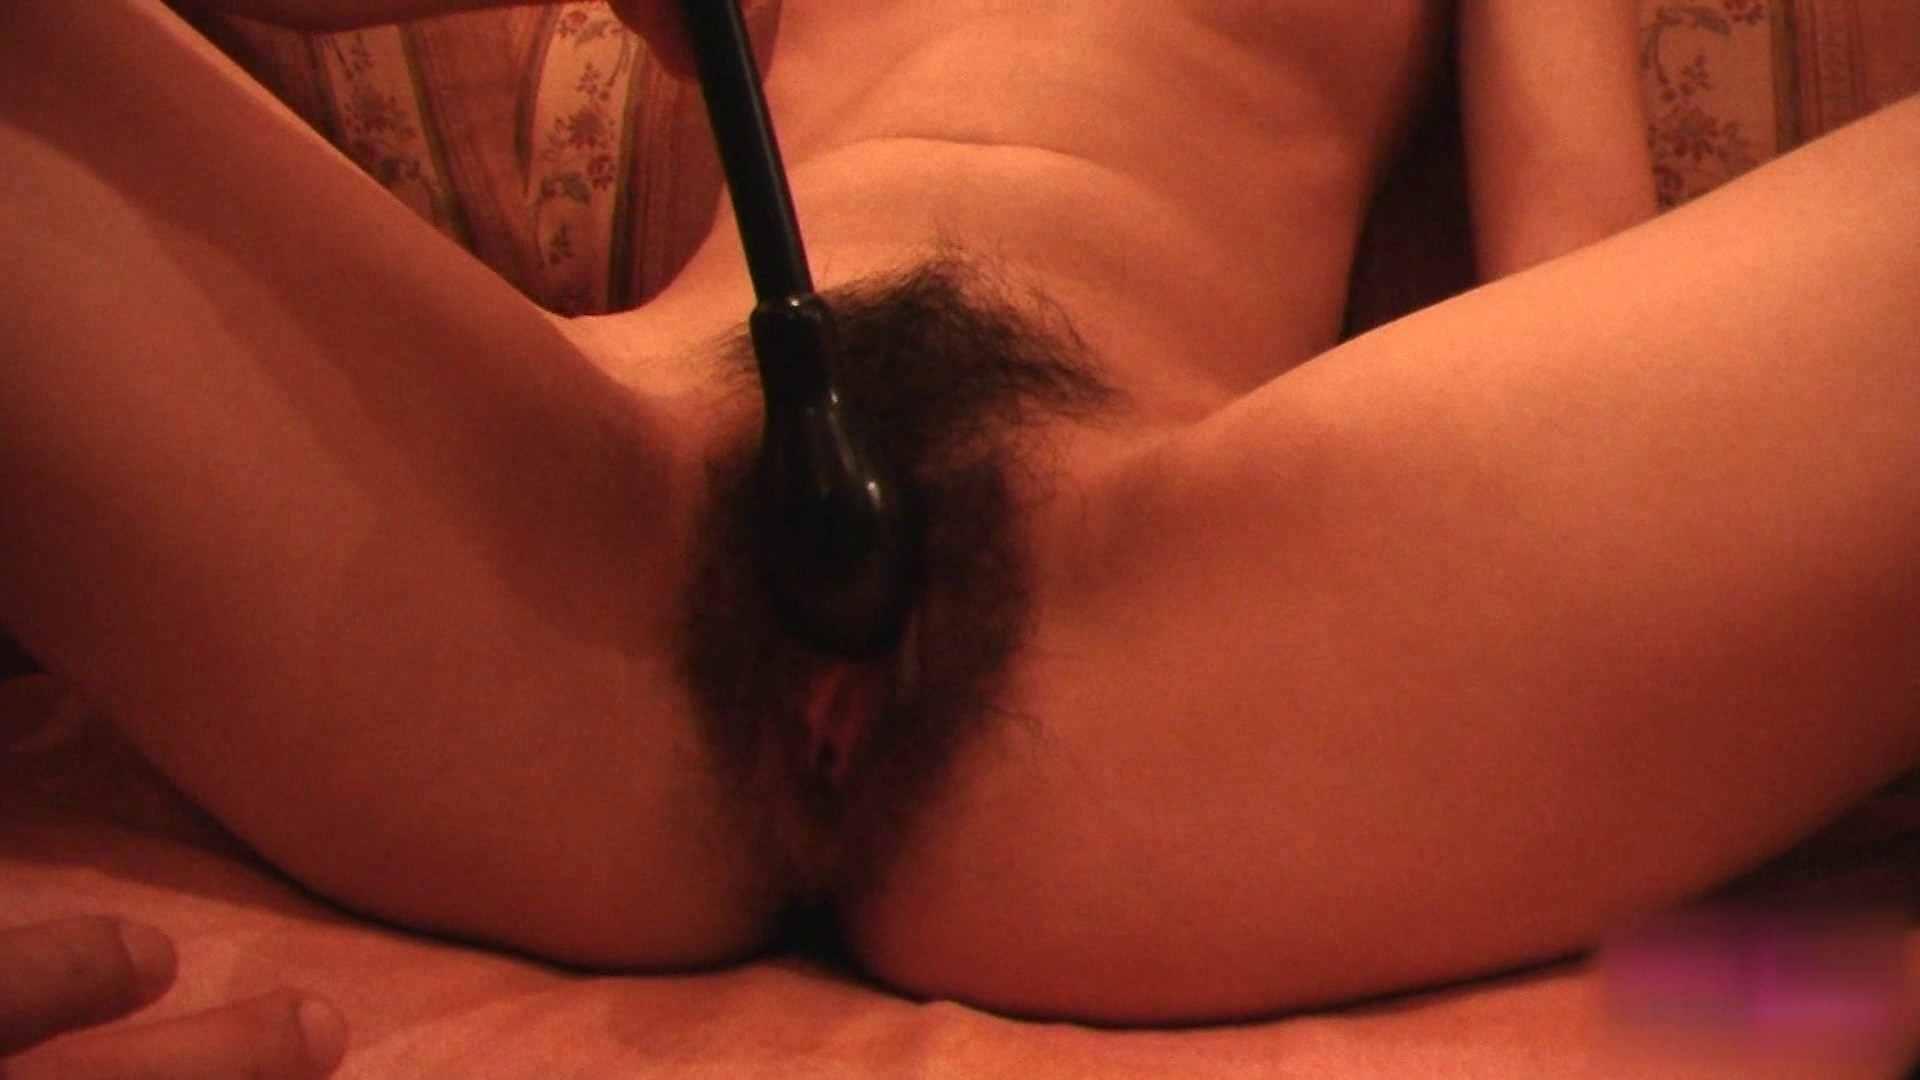 おしえてギャル子のH塾 Vol.26 前編 ギャル達のフェラチオ | マンコ  74画像 60